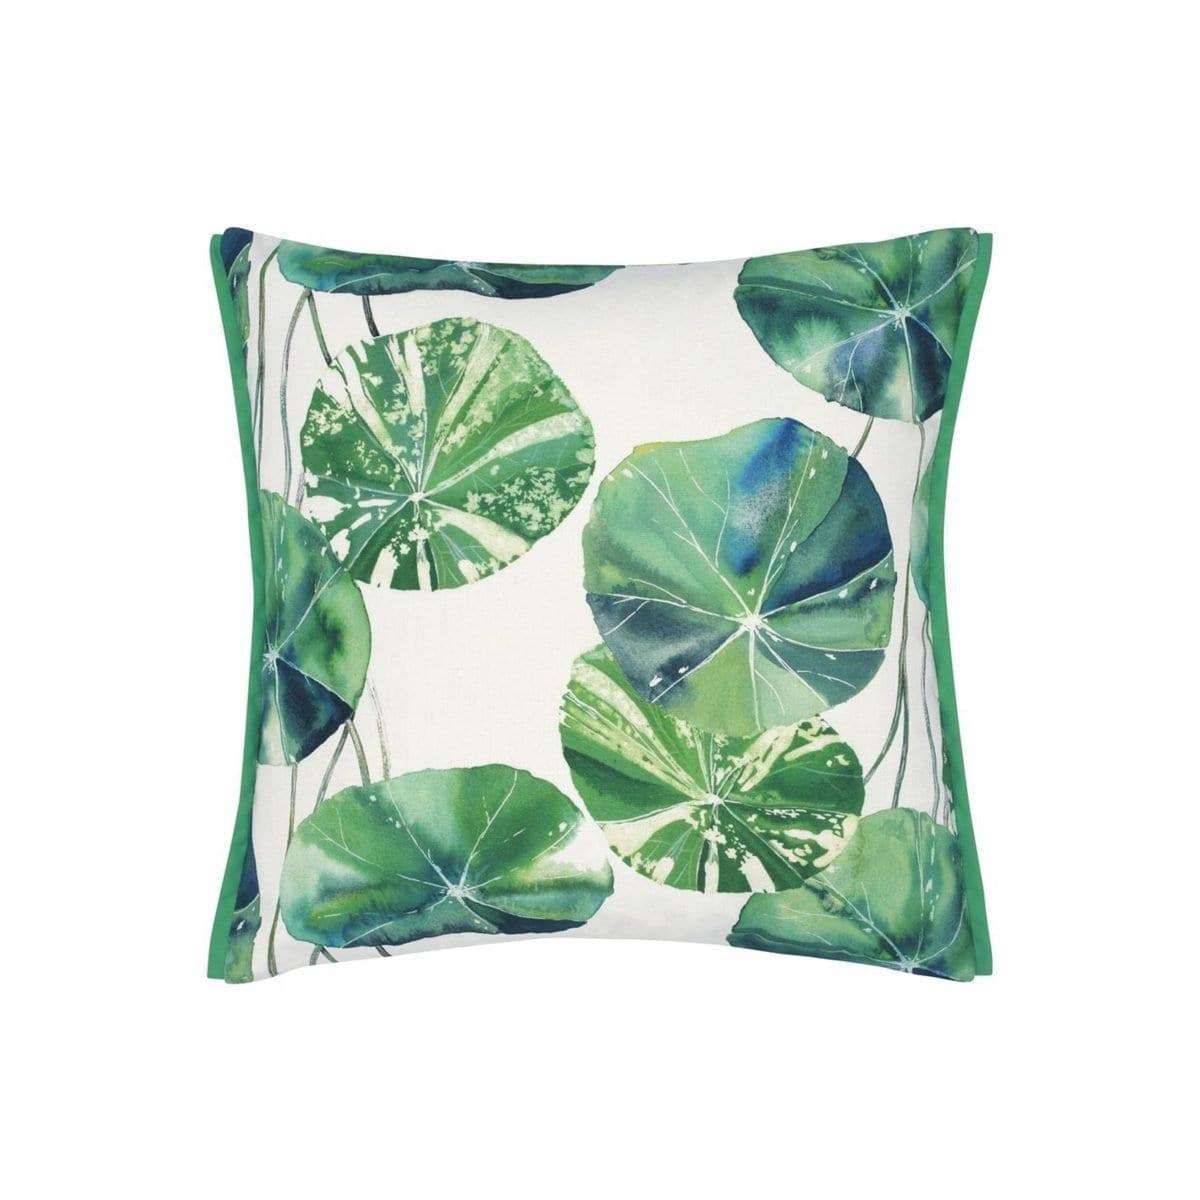 Prachtig buitenkussen met bladeren, Brahimi outdoor leaf van Designers Guild